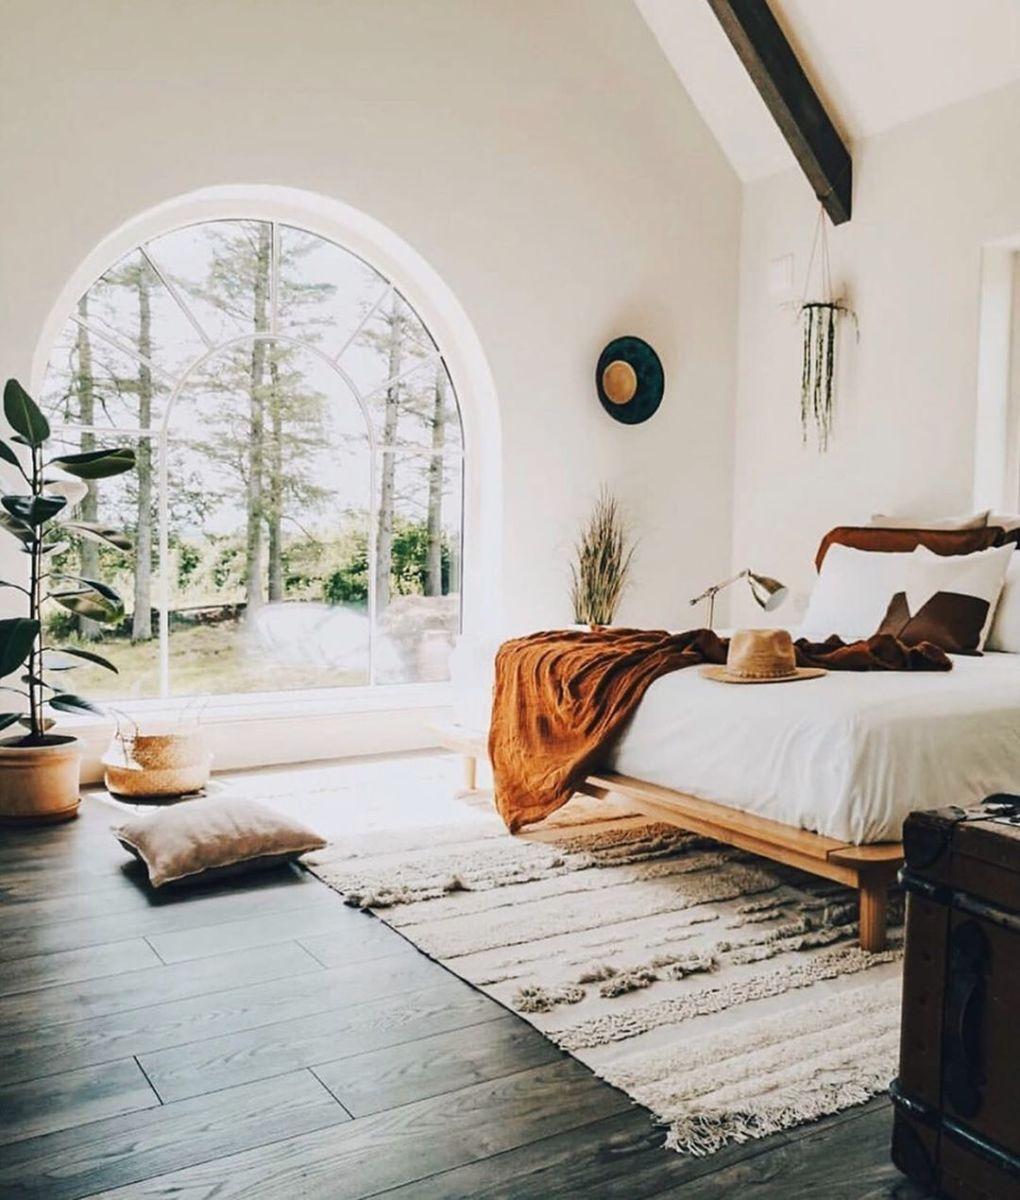 Minimal Interior Design Inspiration 203 Home Home Bedroom House Interior Dream bedroom interior design